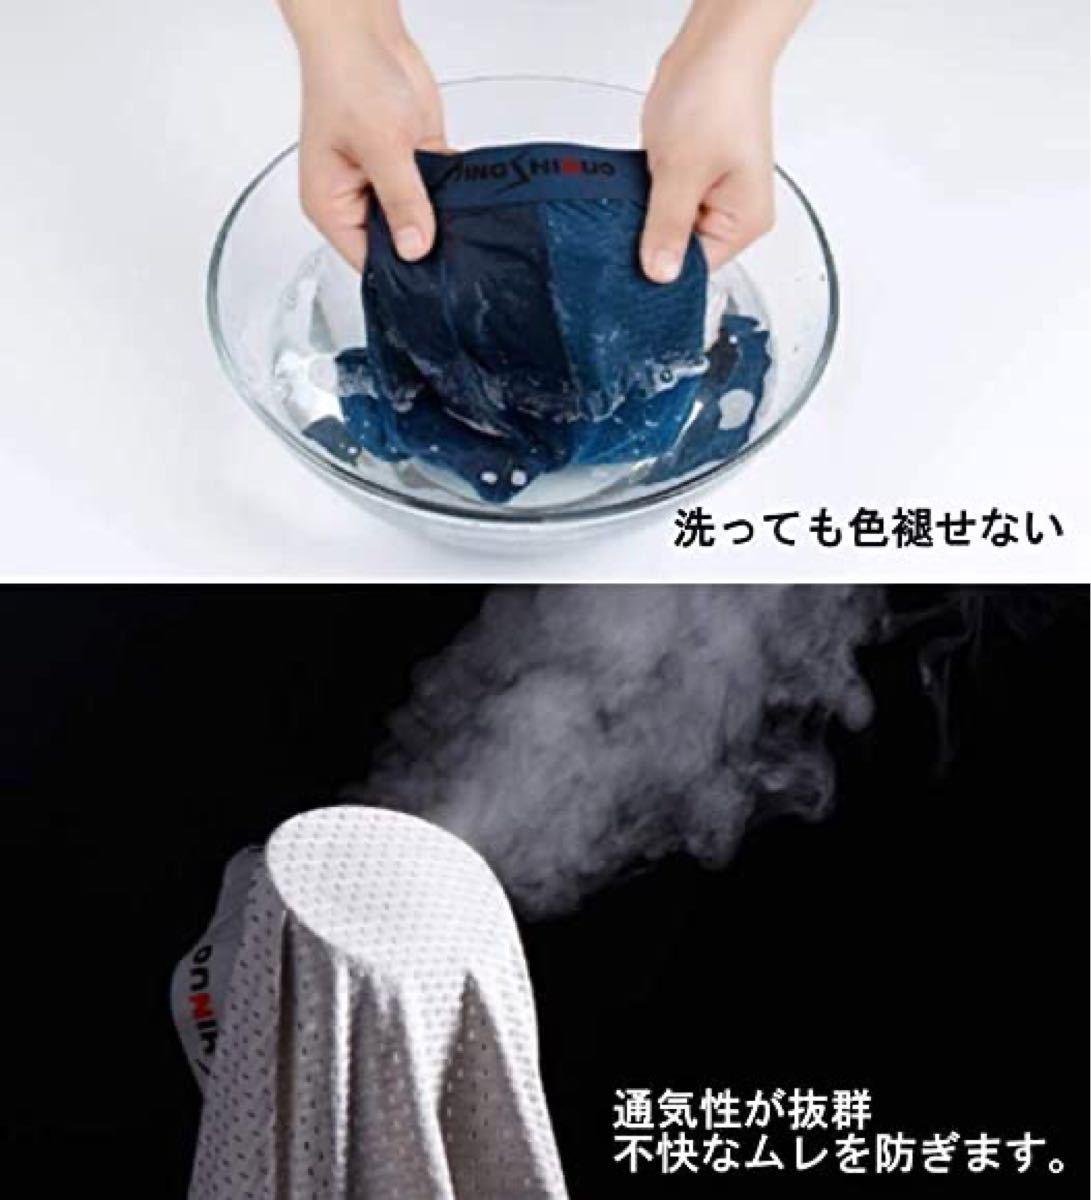 ボクサーパンツ ボクサーブリーフ メンズ 4枚セット メッシュ パンツ 下着 蒸れない 通気性 高伸縮 肌触り 速乾 吸湿